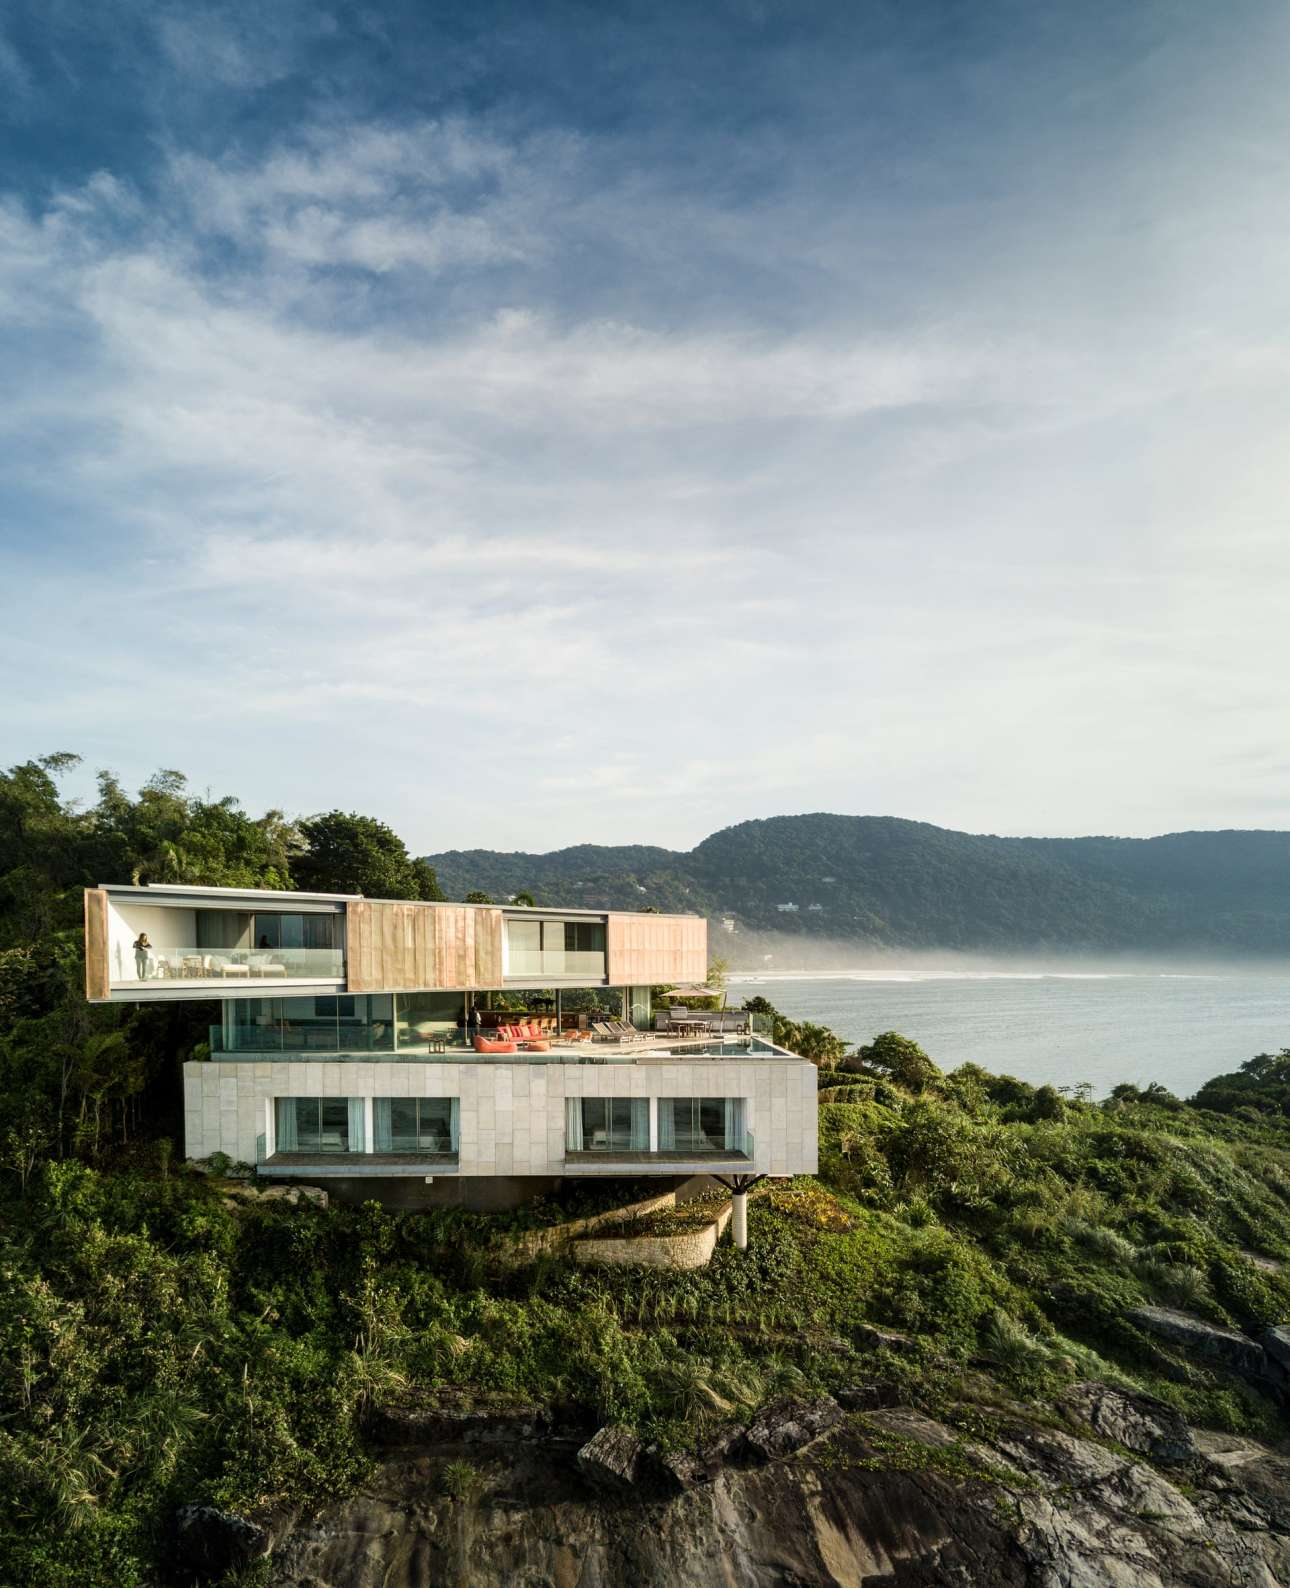 Μία εντυπωσιακή εξοχική κατοικία με θέα στον Ατλαντικό Ωκεανό, στο Σάο Πάολο της Βραζιλίας